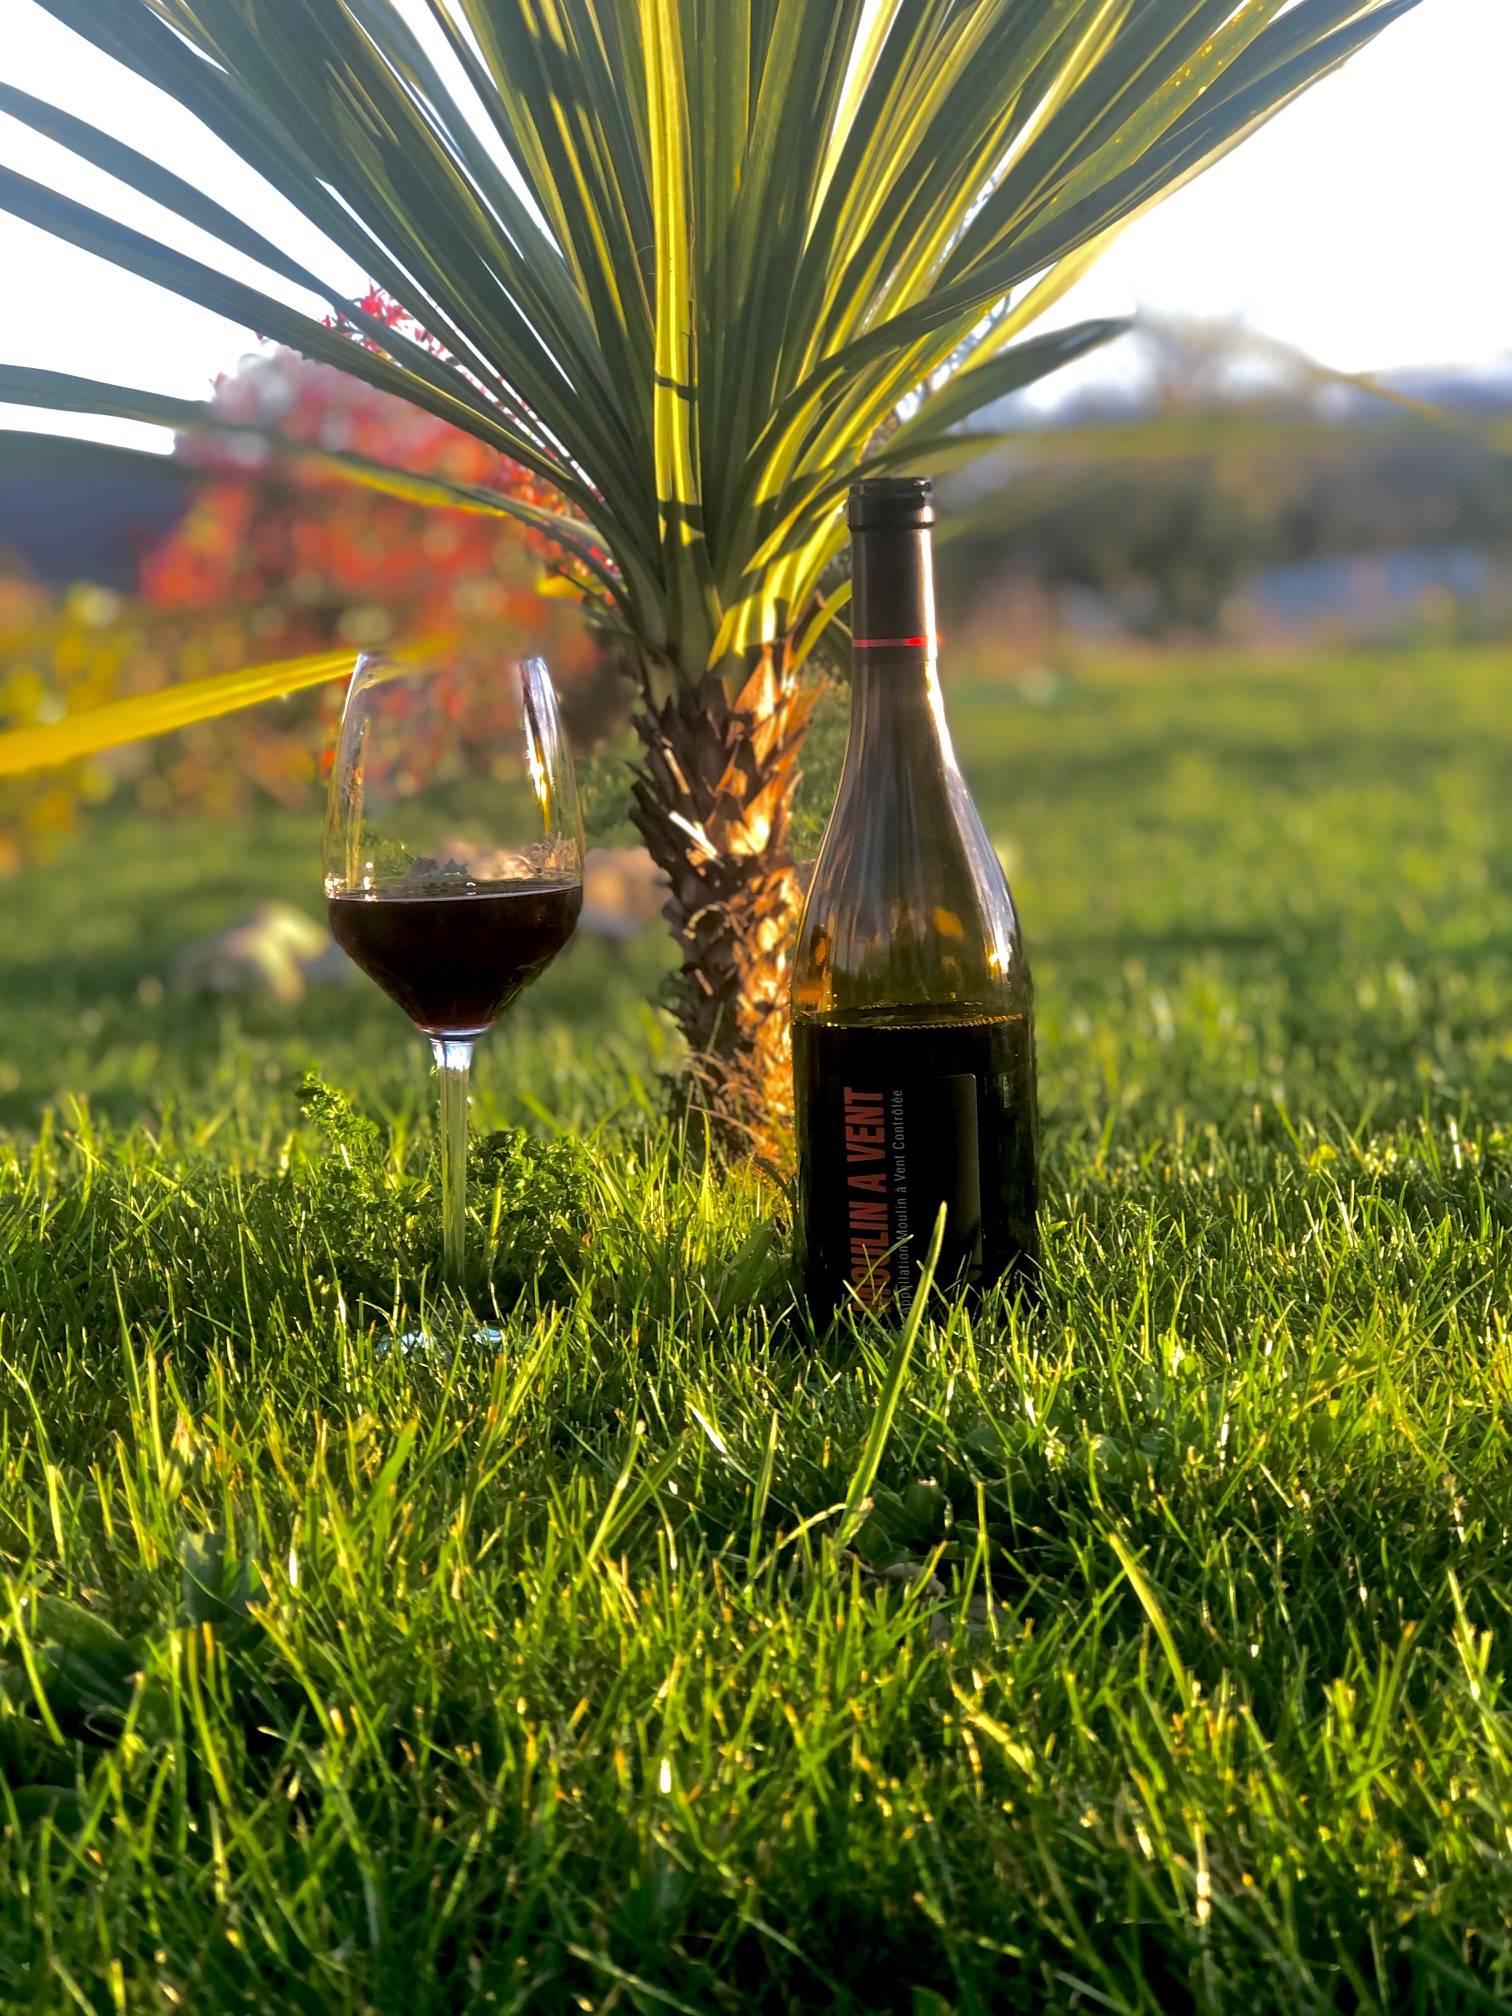 moulin à vent, christophe pacalet, gamay, beaujolais, france, vin nature, rawwine, organic wine, vin bio, vin sans intrants, bistro brute, vin rouge, vin blanc, rouge, blanc, nature, vin propre, vigneron, vigneron indépendant, domaine bio, biodynamie, vigneron nature, cave vin naturel, cave vin, caviste, vin biodynamique, bistro brute